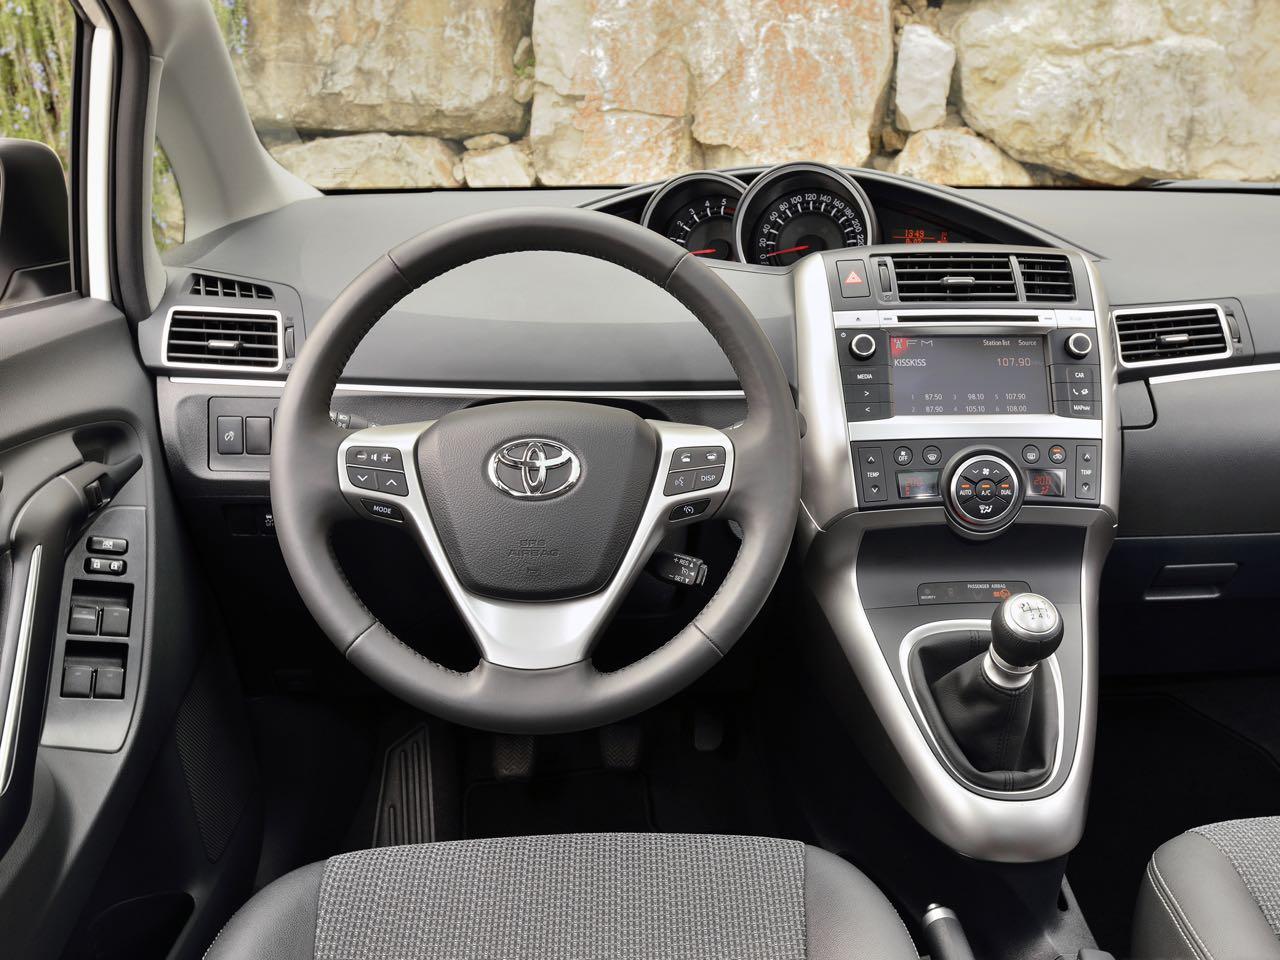 Toyota Verso 2013 Precios Motores Equipamientos